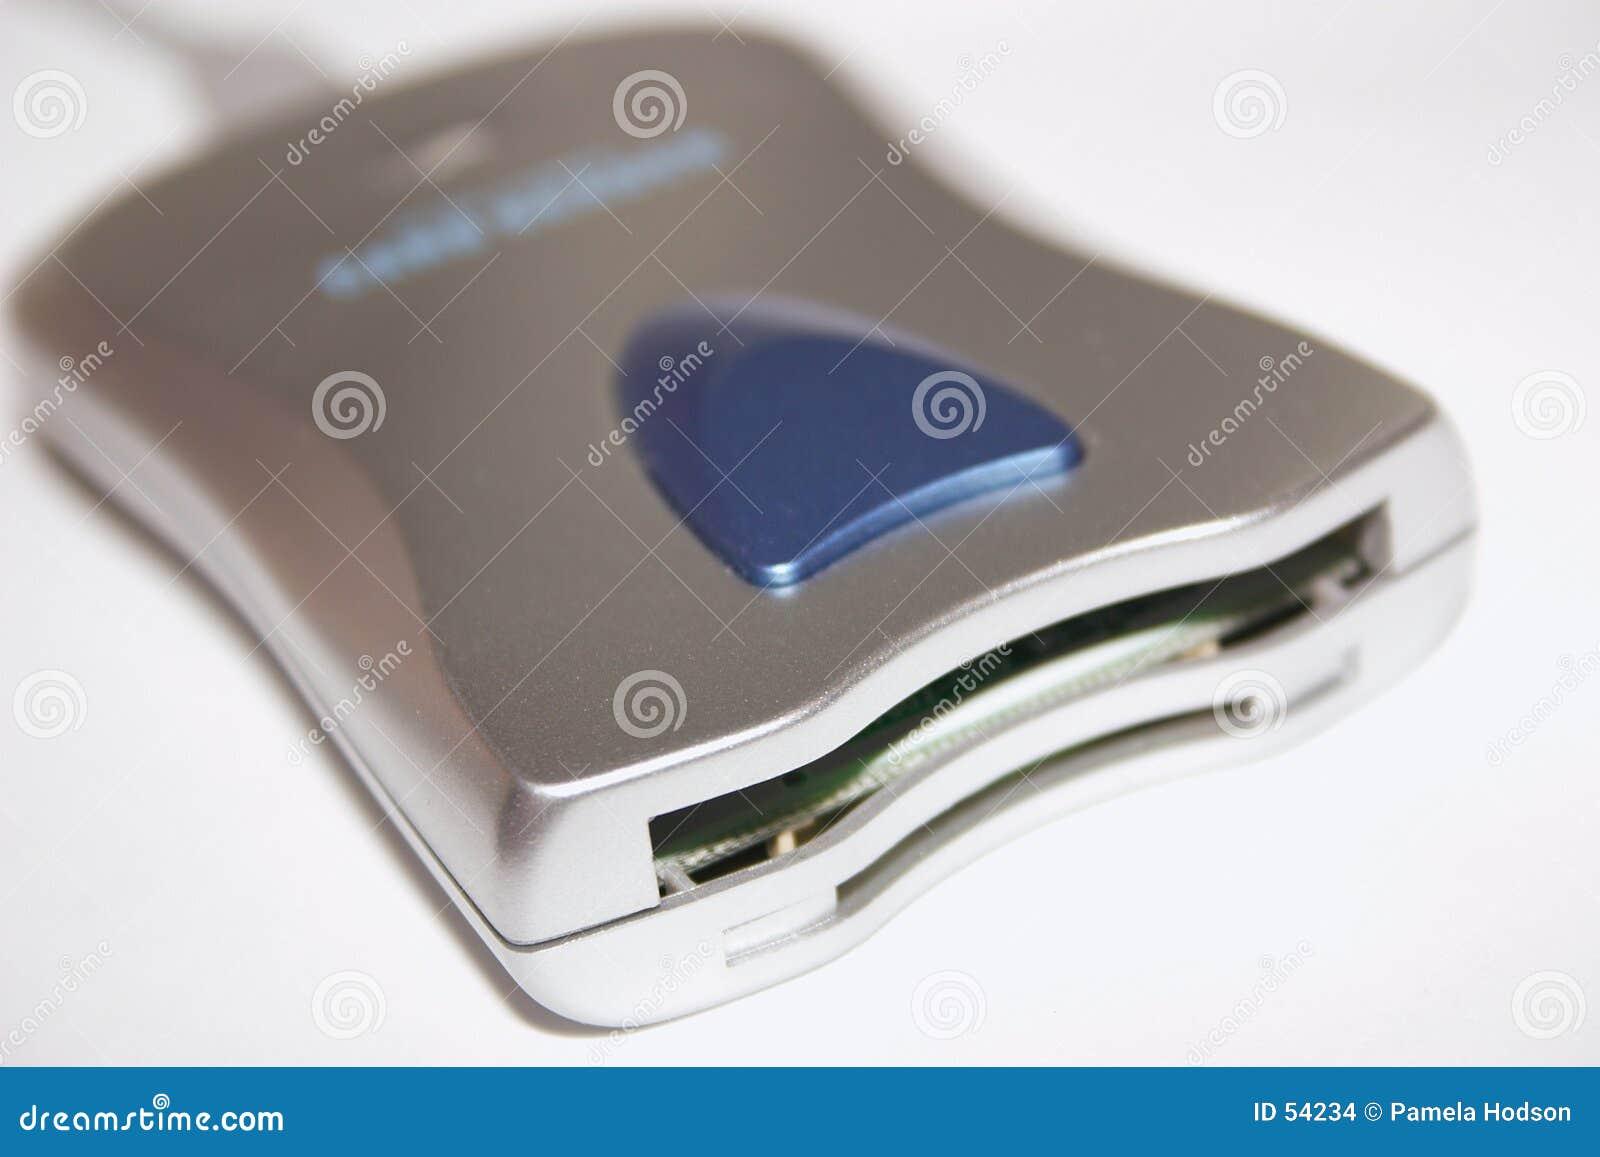 Download Lecteur de cartes photo stock. Image du connectivité, matériel - 54234